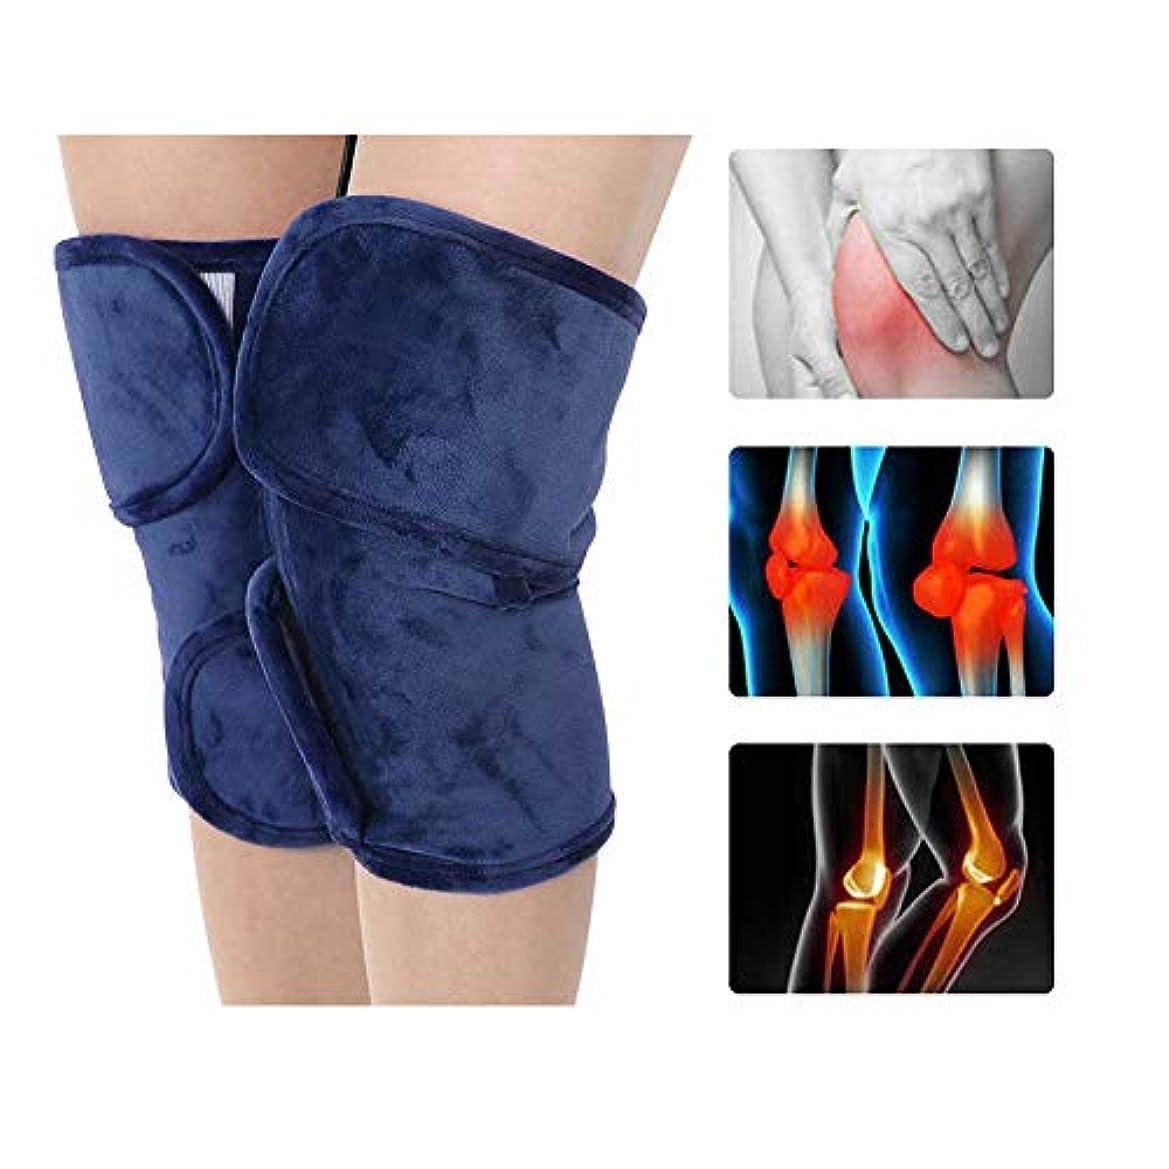 お客様成果提供する電気加熱膝ブレースサポート - 膝温かいラップパッド療法ホット関節炎膝の痛みのための熱い圧縮,Blue